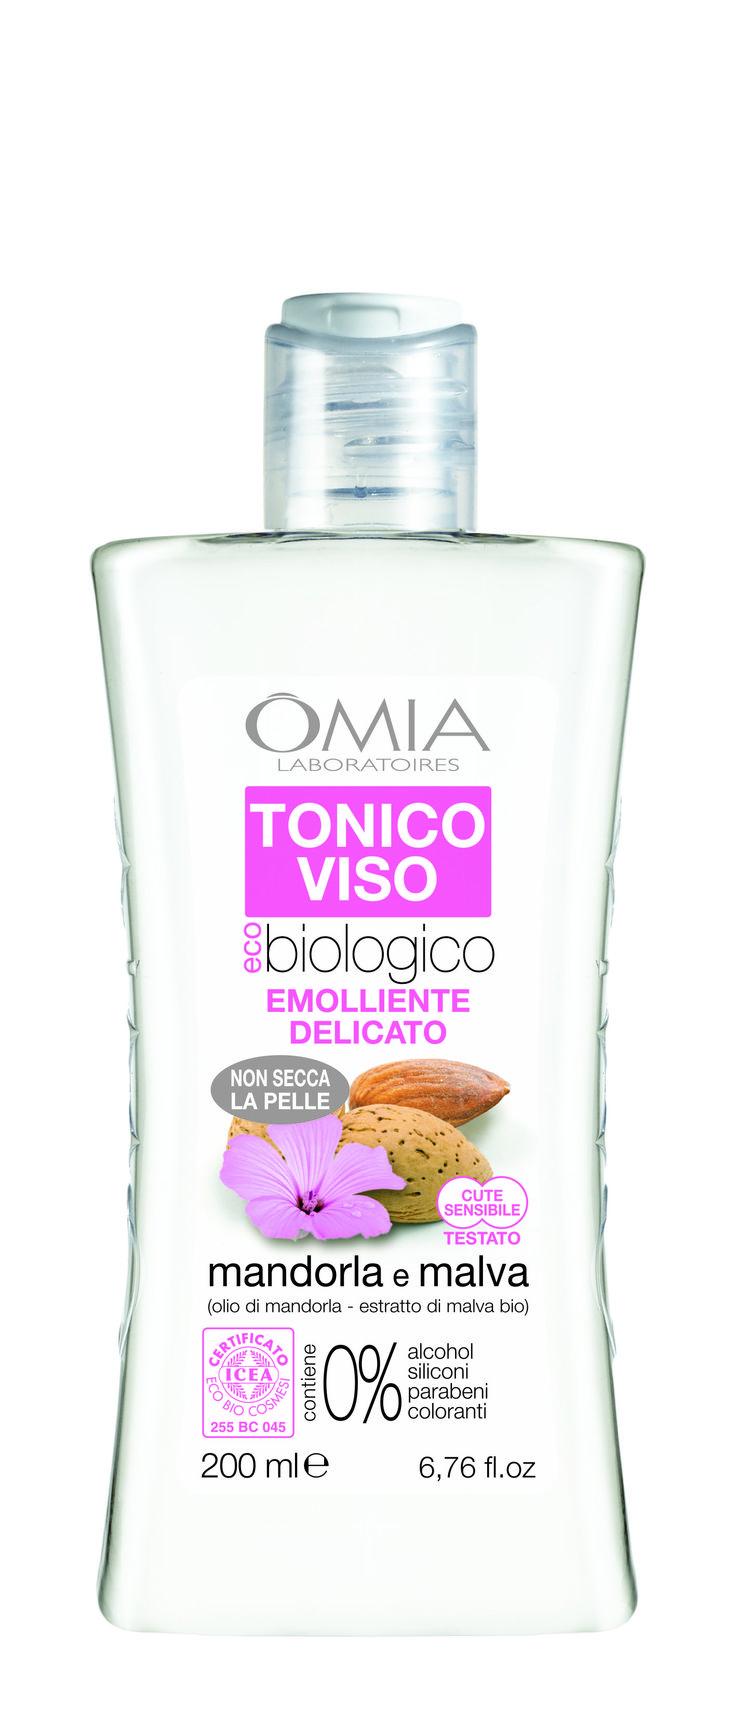 Tonico viso omia con olio di mandorla e estratto di malva bio 200ml per pelli normali secche e - Omia bagno seta olio di jojoba inci ...